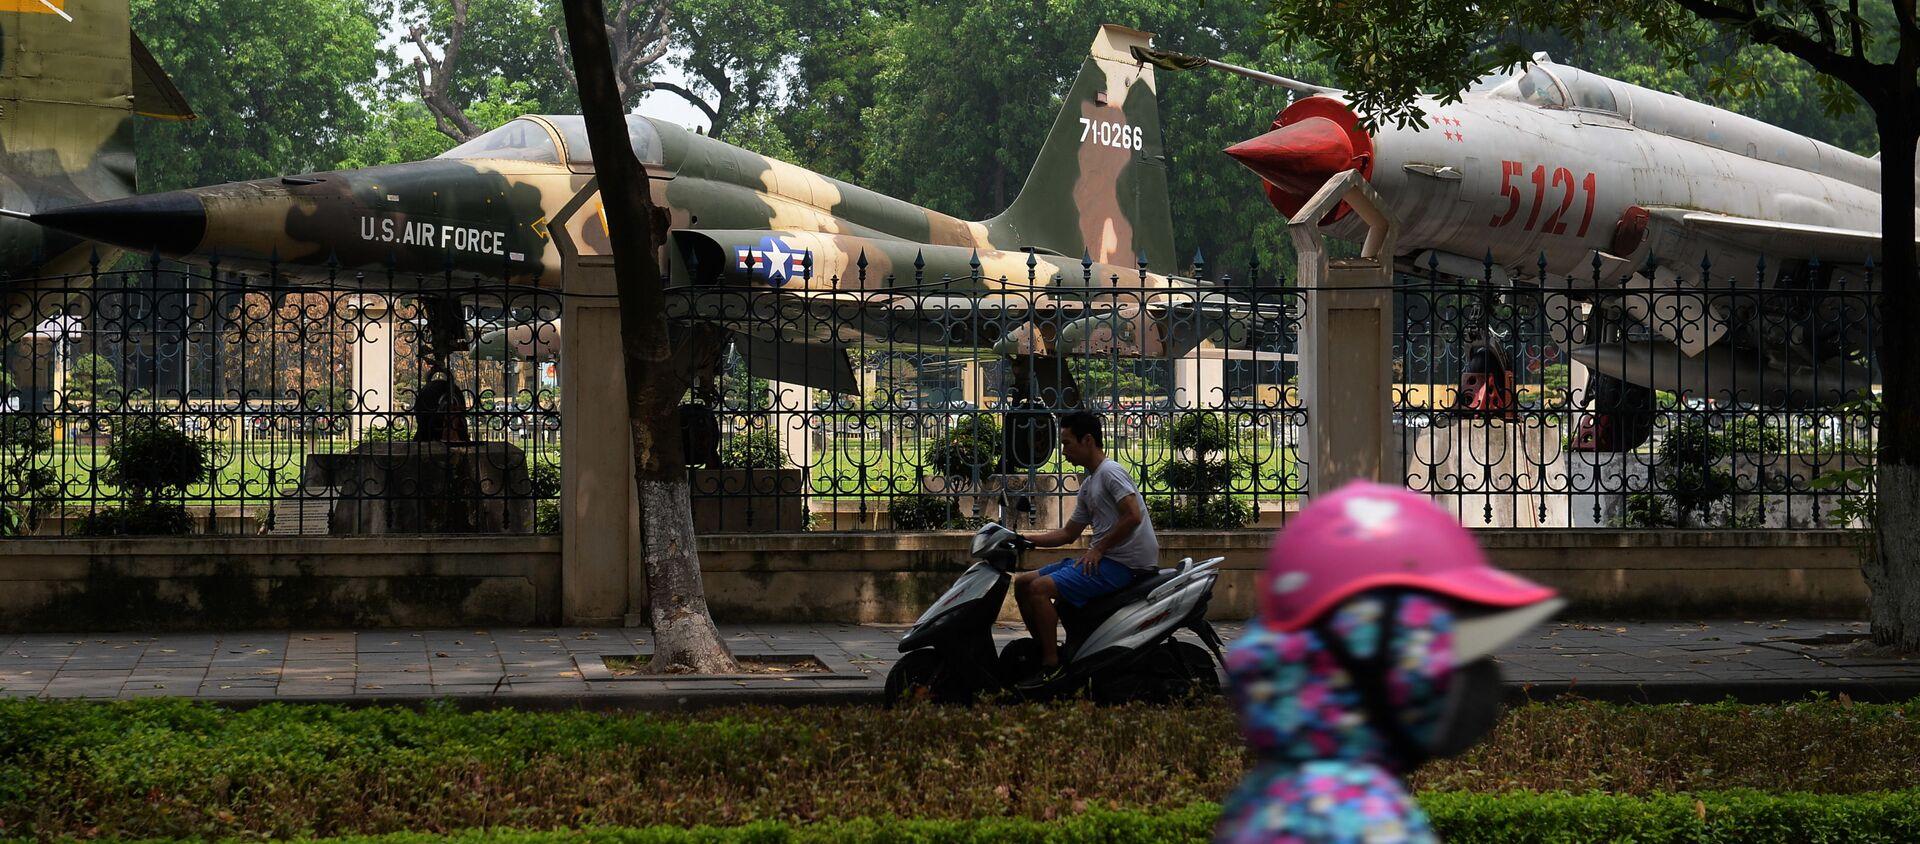 Máy bay chiến đấu F-5 và MiG-21 tại Bảo tàng Quân đội tại Hà Nội - Sputnik Việt Nam, 1920, 08.07.2020